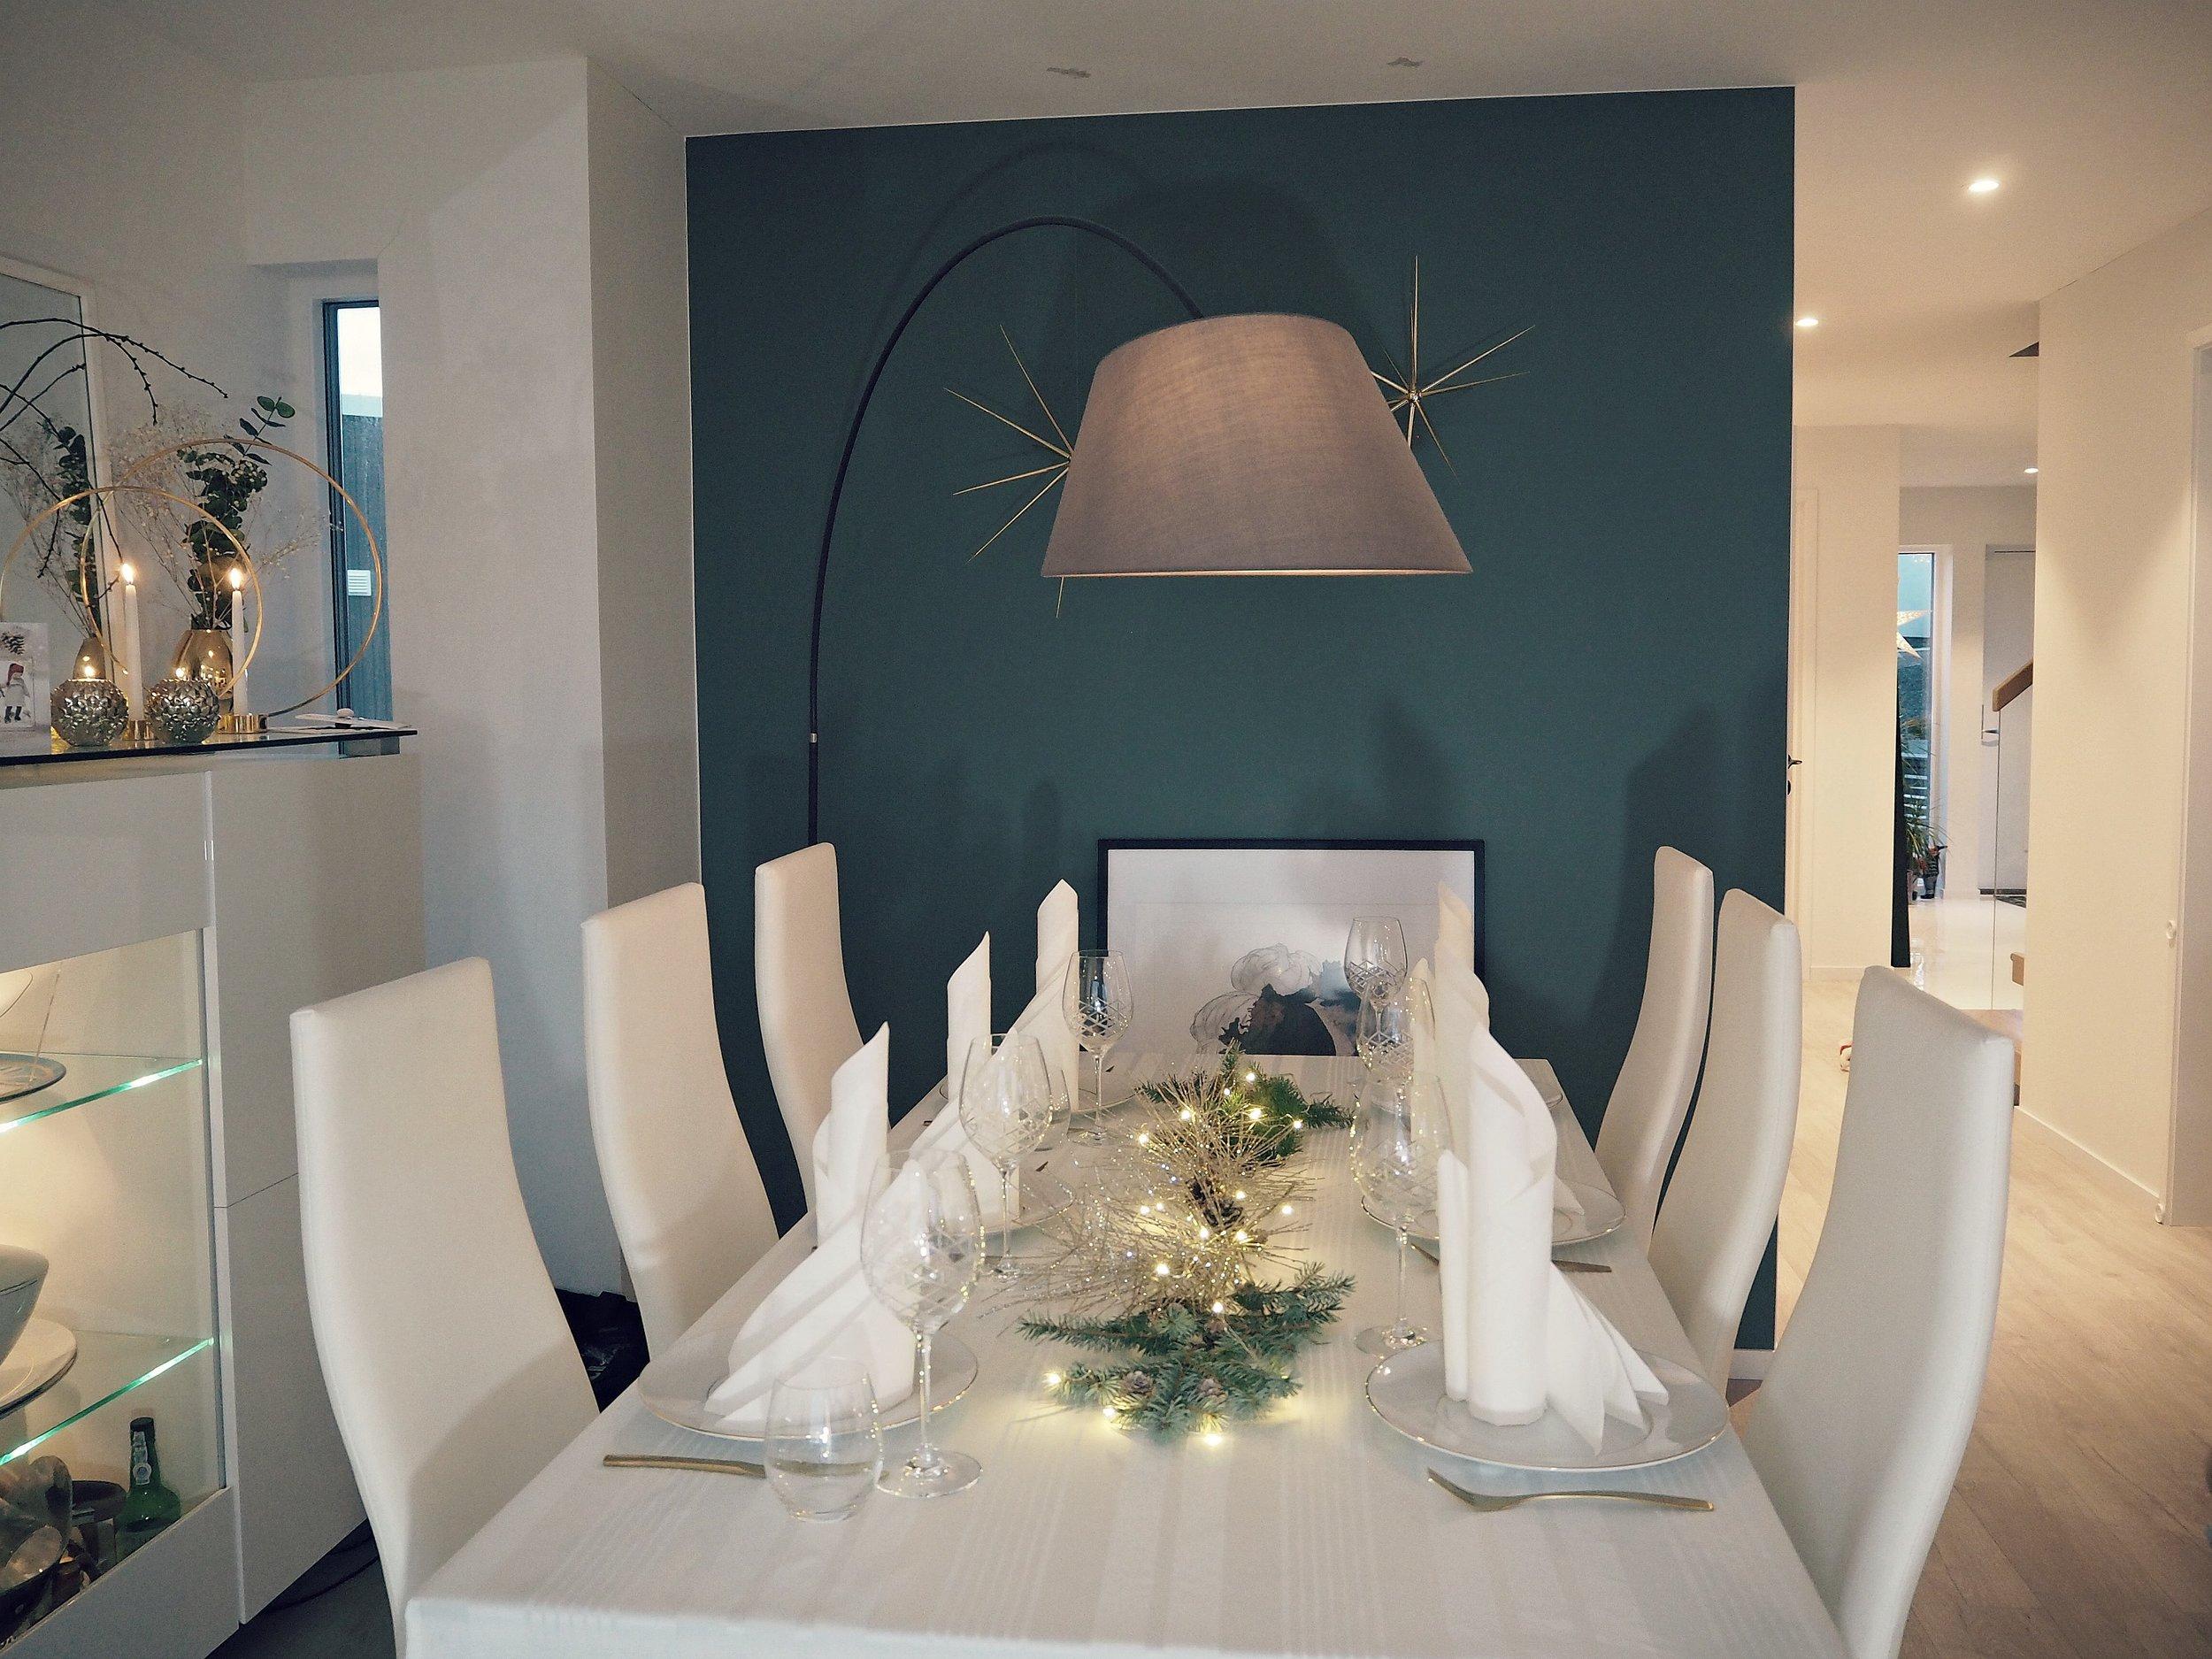 Julepyntet bord med glitter og granbar. Stilrent og klassisk med viftebrett på serviettene